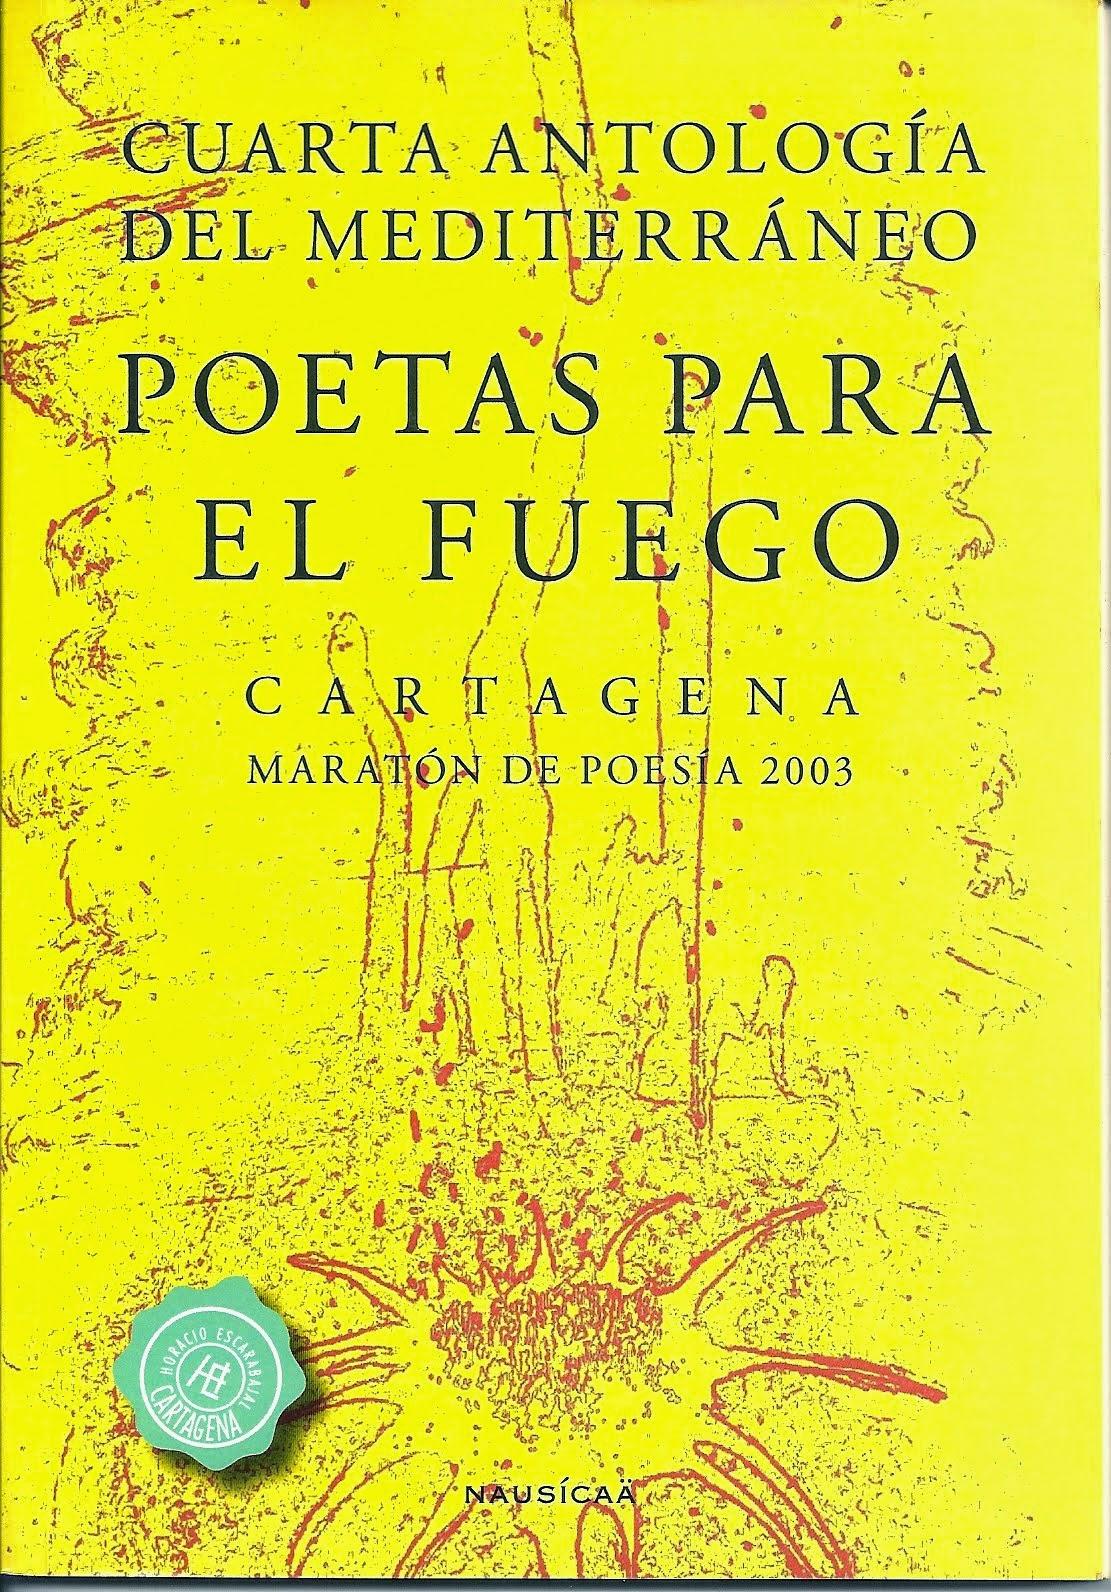 Poetas para el fuego. Cuarta antología del Mediterráneo